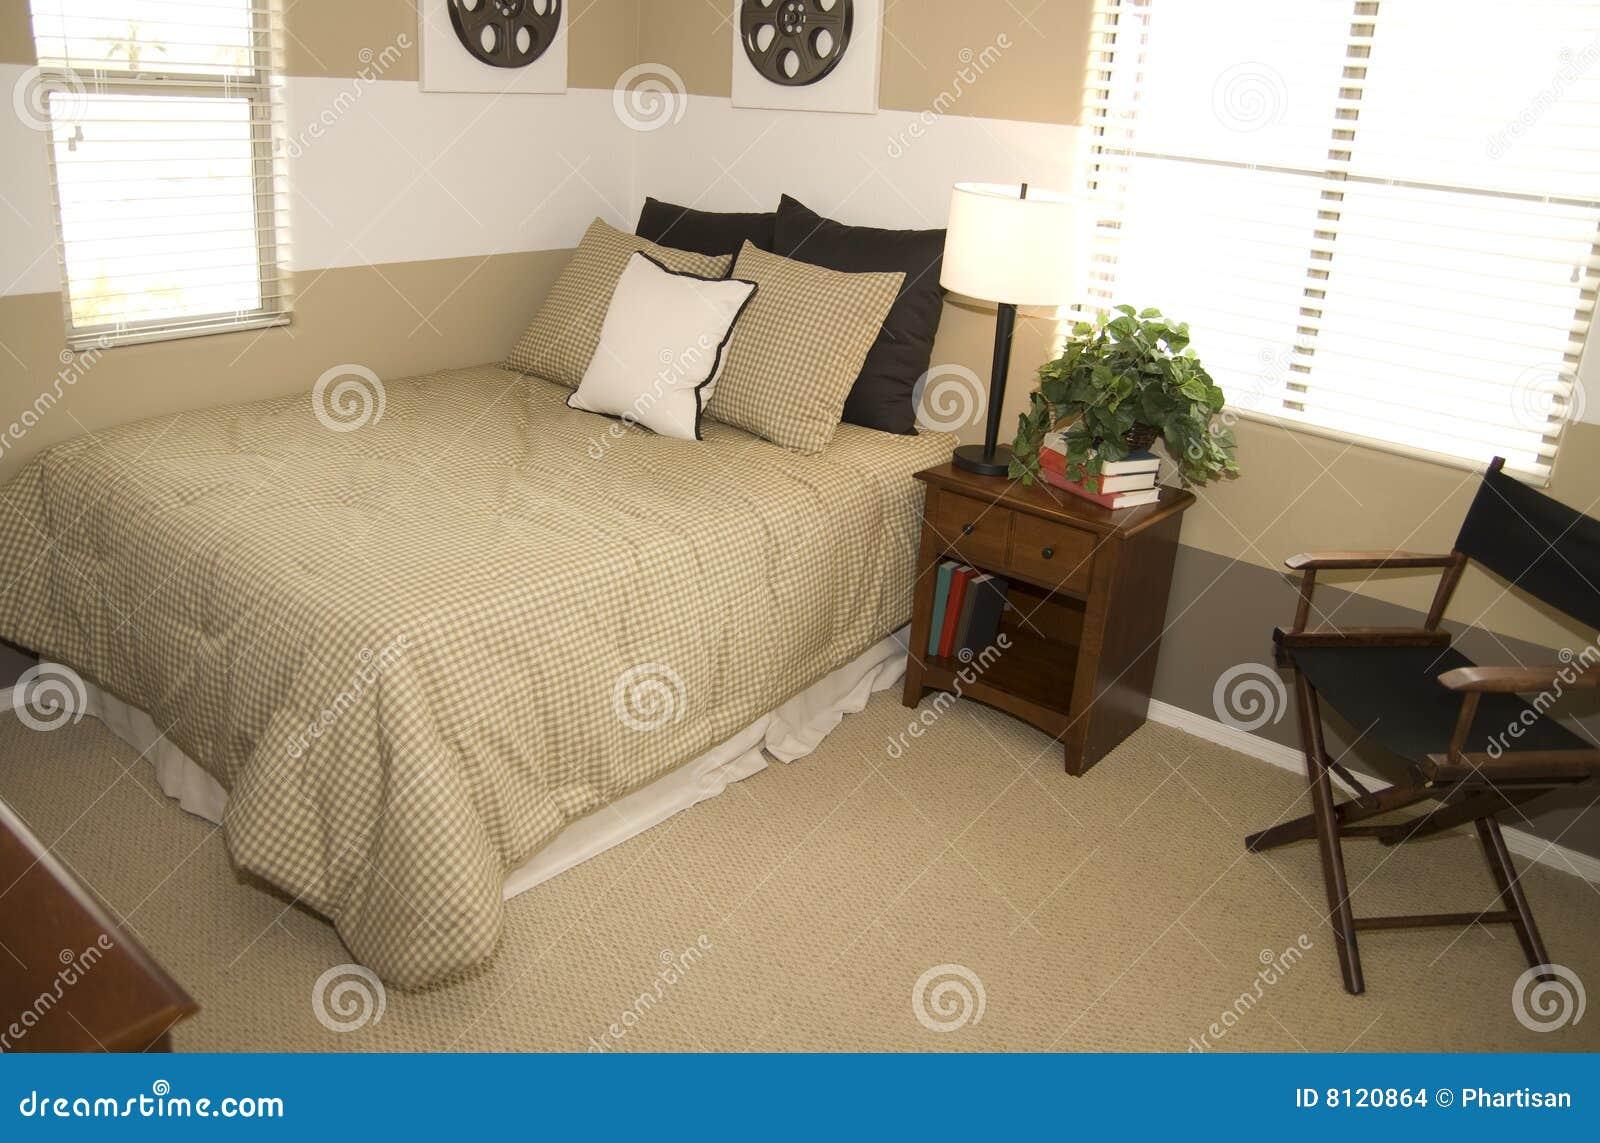 Camere Da Letto Giovani : Allievi della camera da letto giovani fotografia stock immagine